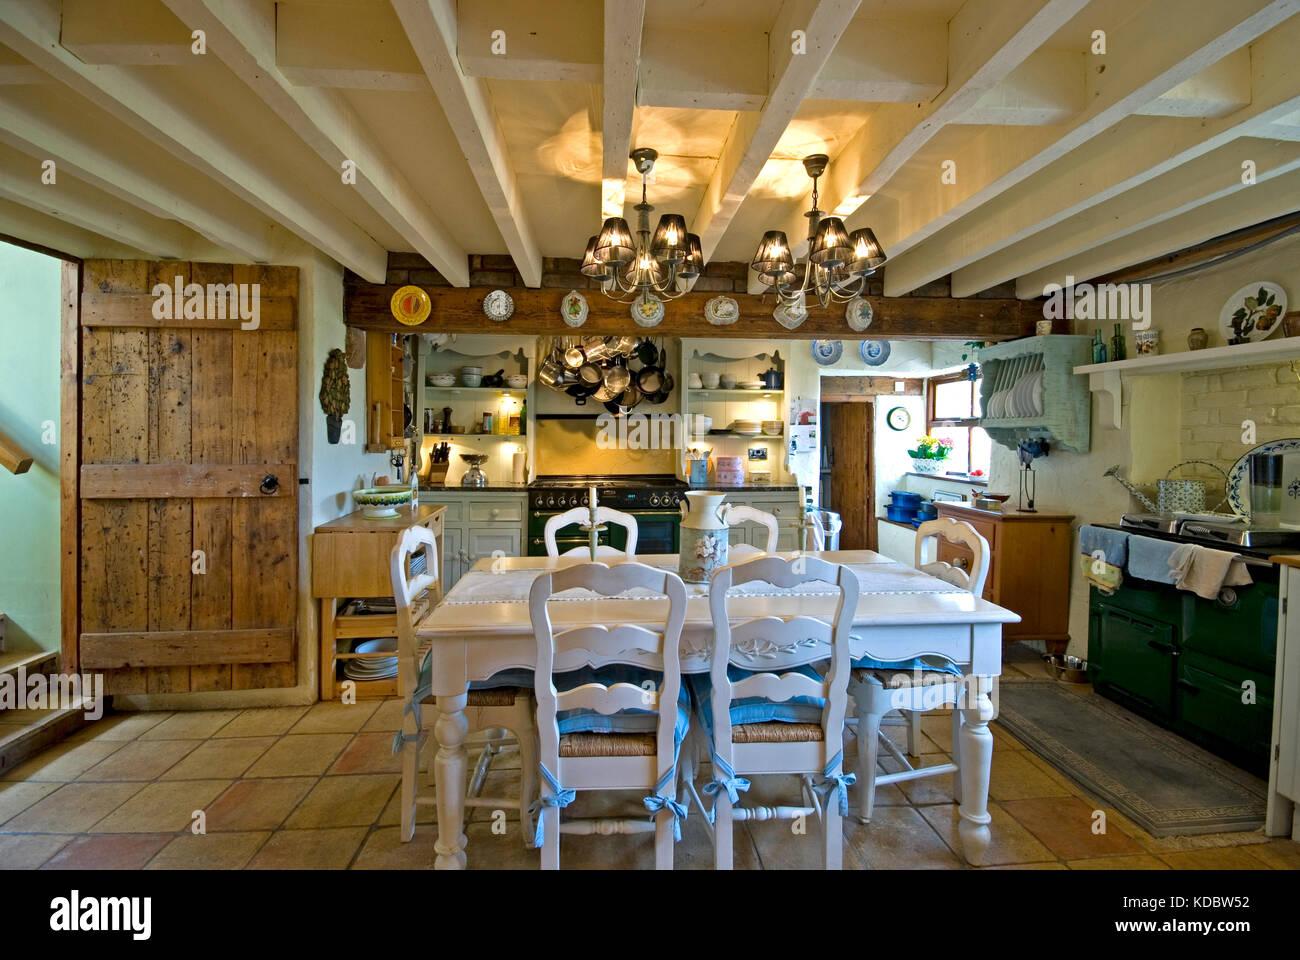 Bauernhaus Kuche Und Essbereich Mit Weissen Tisch Und Holzbalken Stockfotografie Alamy